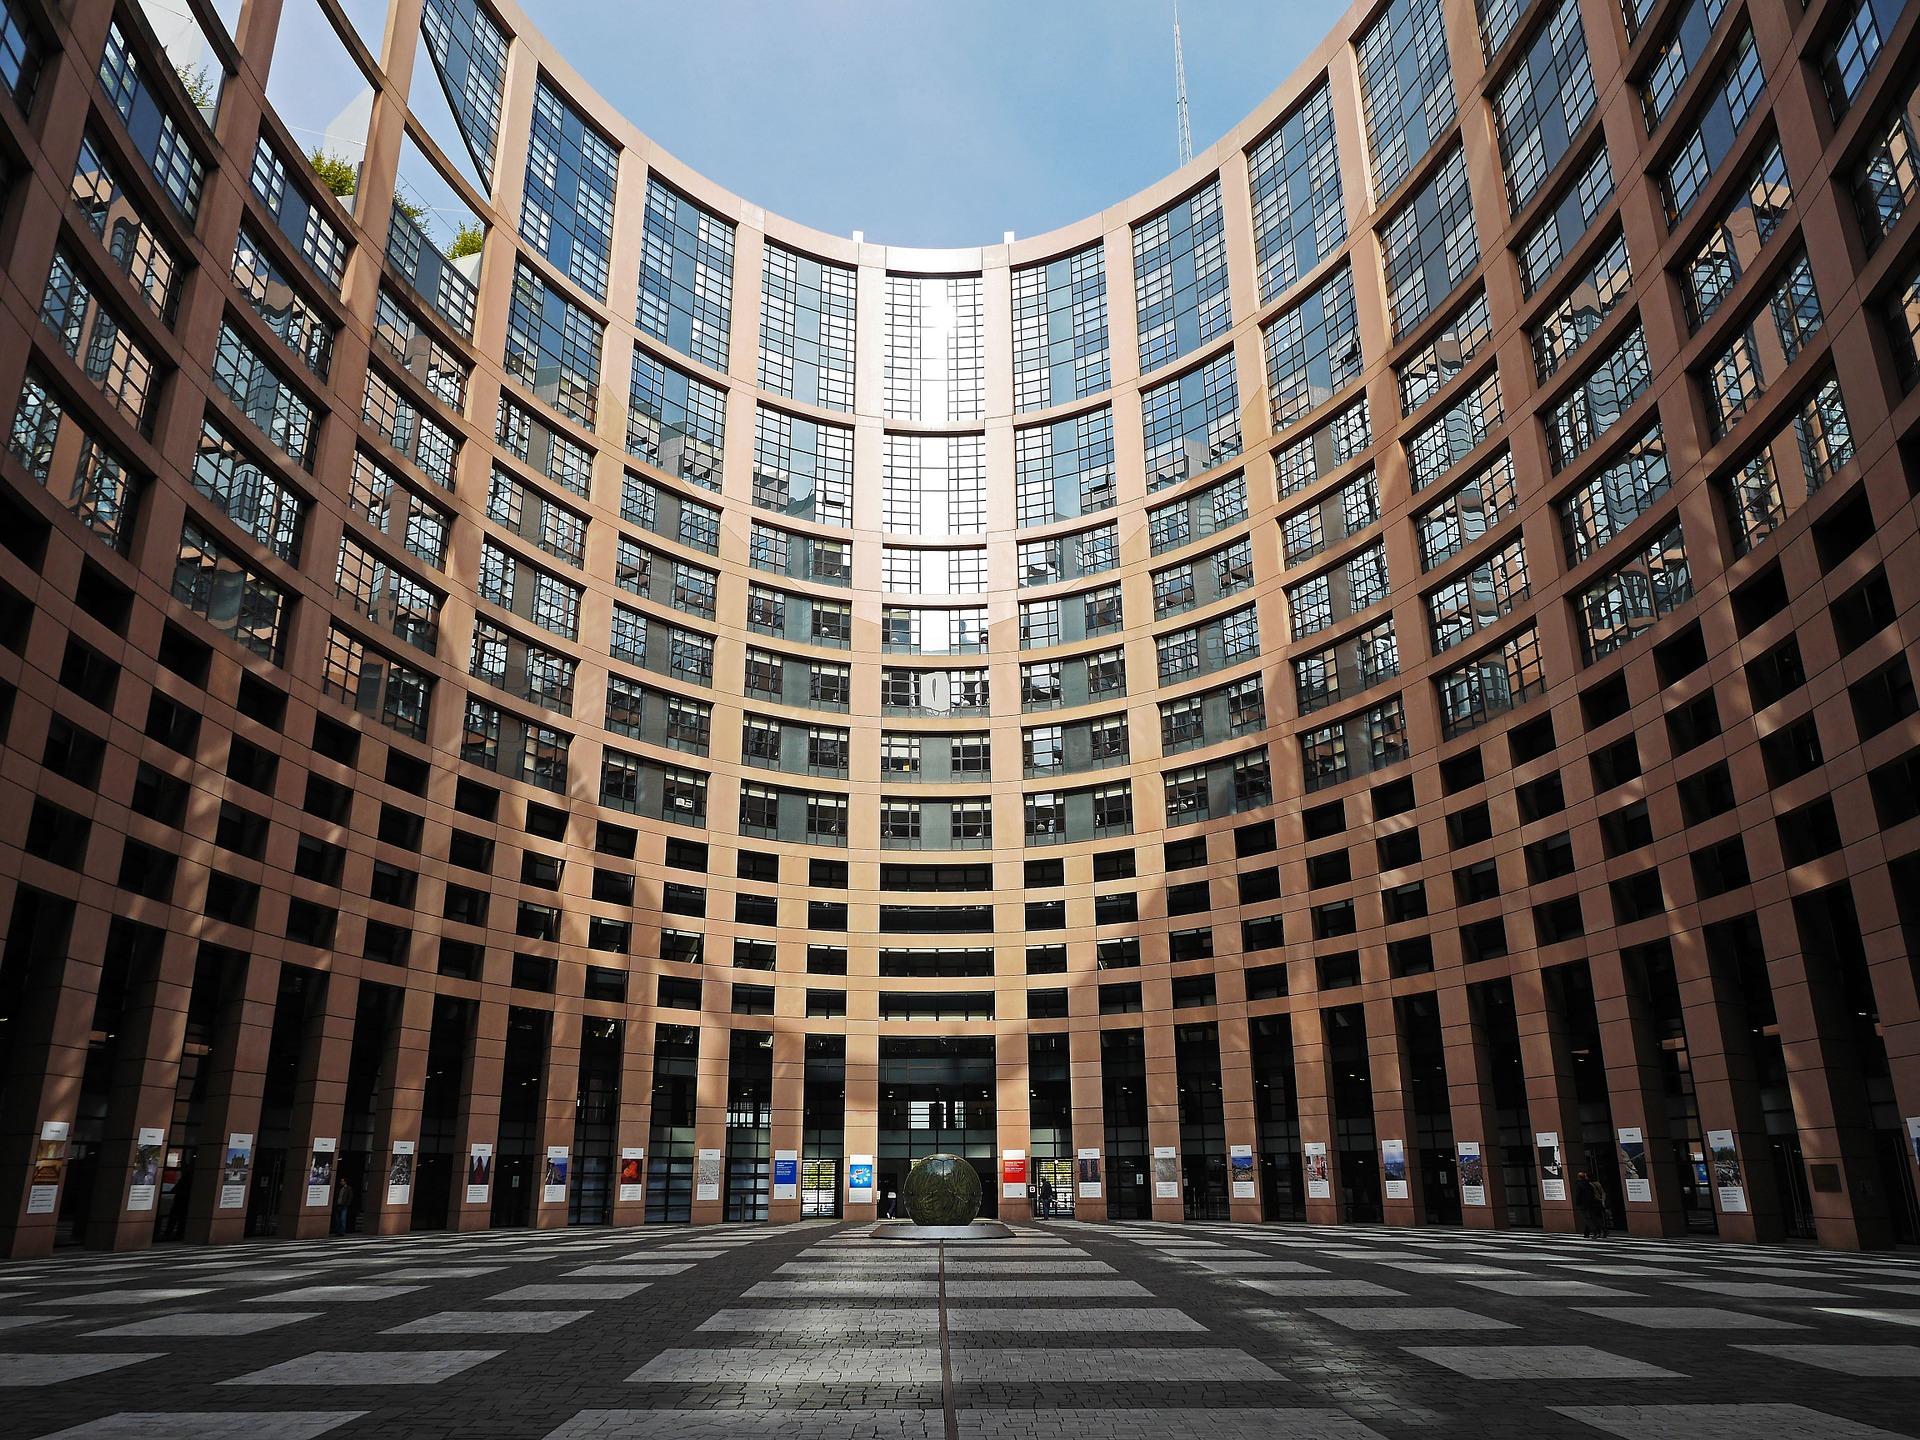 Zgrada Europskog parlamenta u Strassbourgu; photo bx Pixaby